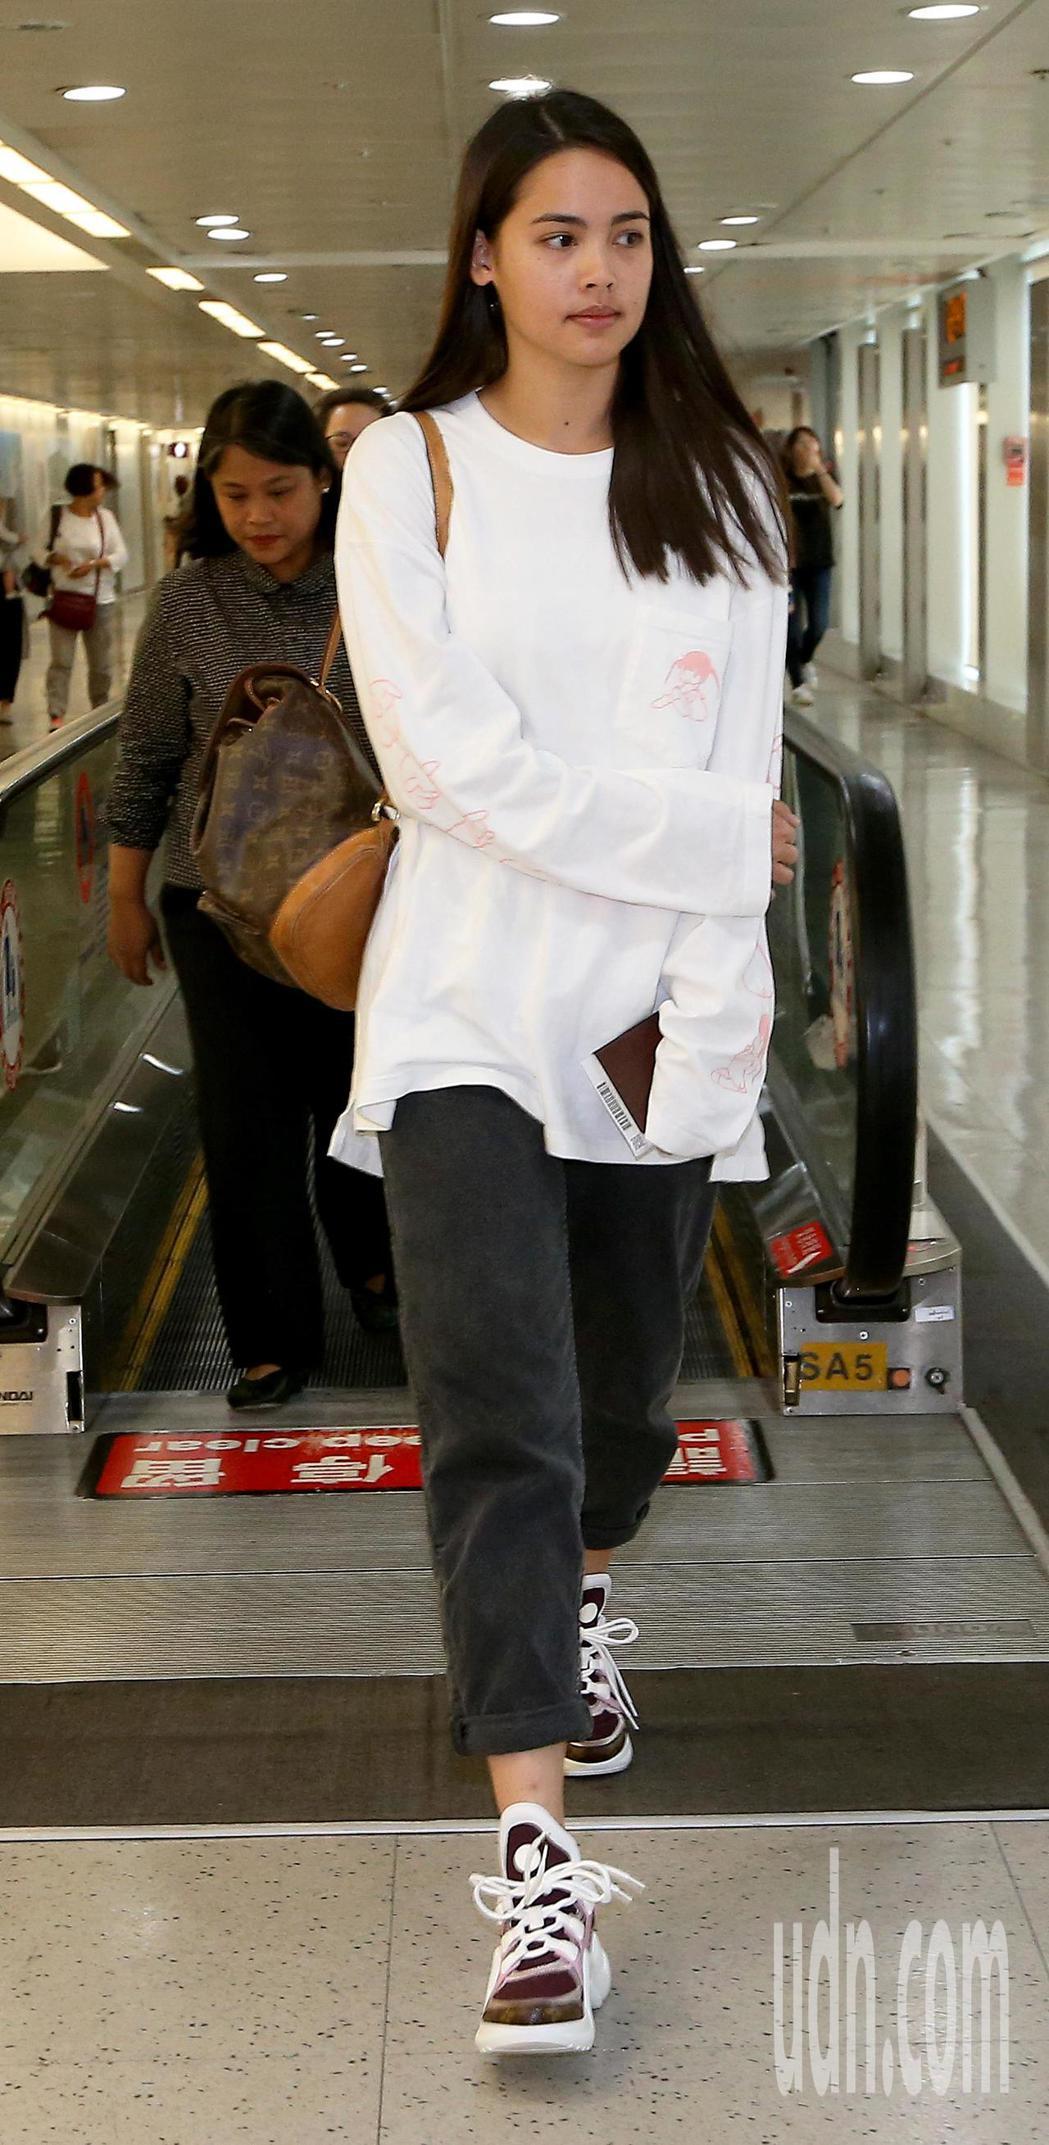 泰國電影《把哥哥退貨可以嗎》女主角YAYA,10日中午搭機抵台。記者陳嘉寧/攝影